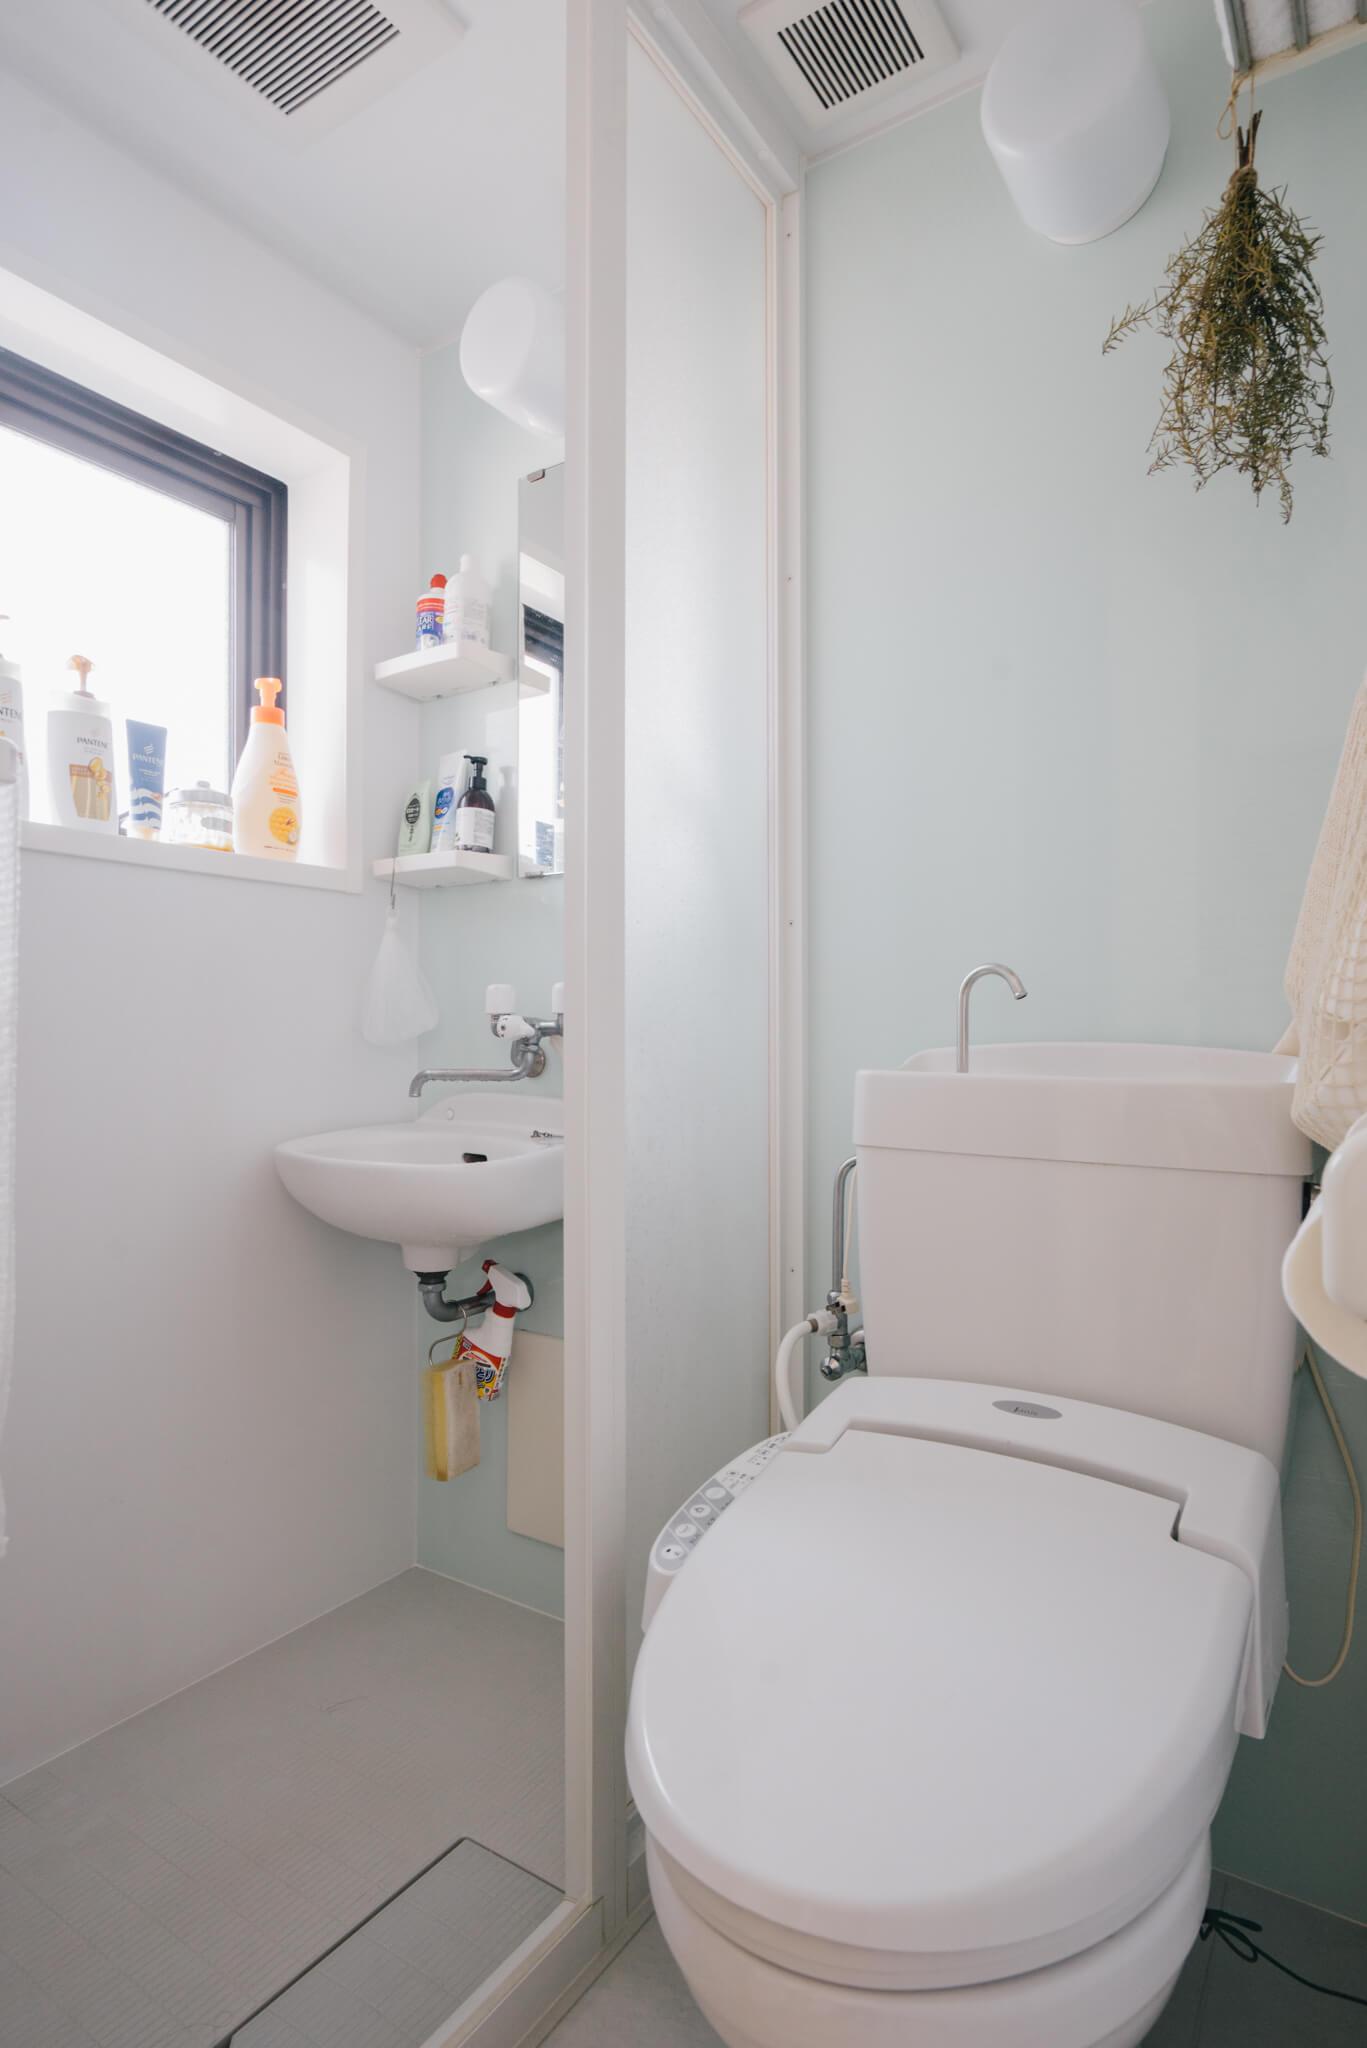 水回りはコンパクトで、シャワールームとトイレのみ。ちょっとしたところにグリーンを飾って、味気ない空間にならないように工夫。